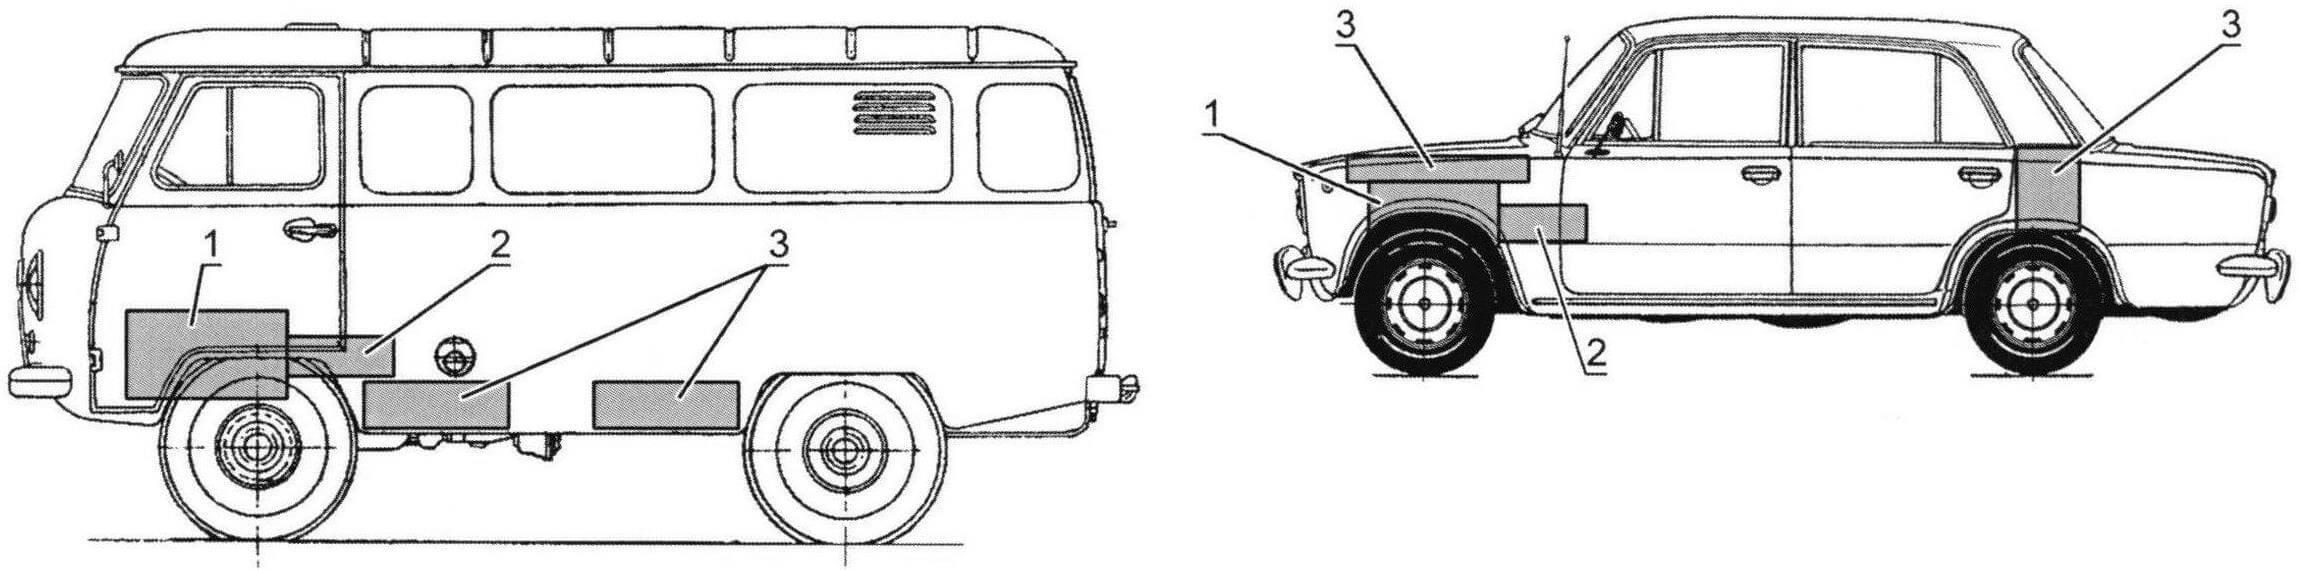 Схема расположения основных узлов электромобиля на базе заднеприводного седана и электромобиля вагонной компоновки